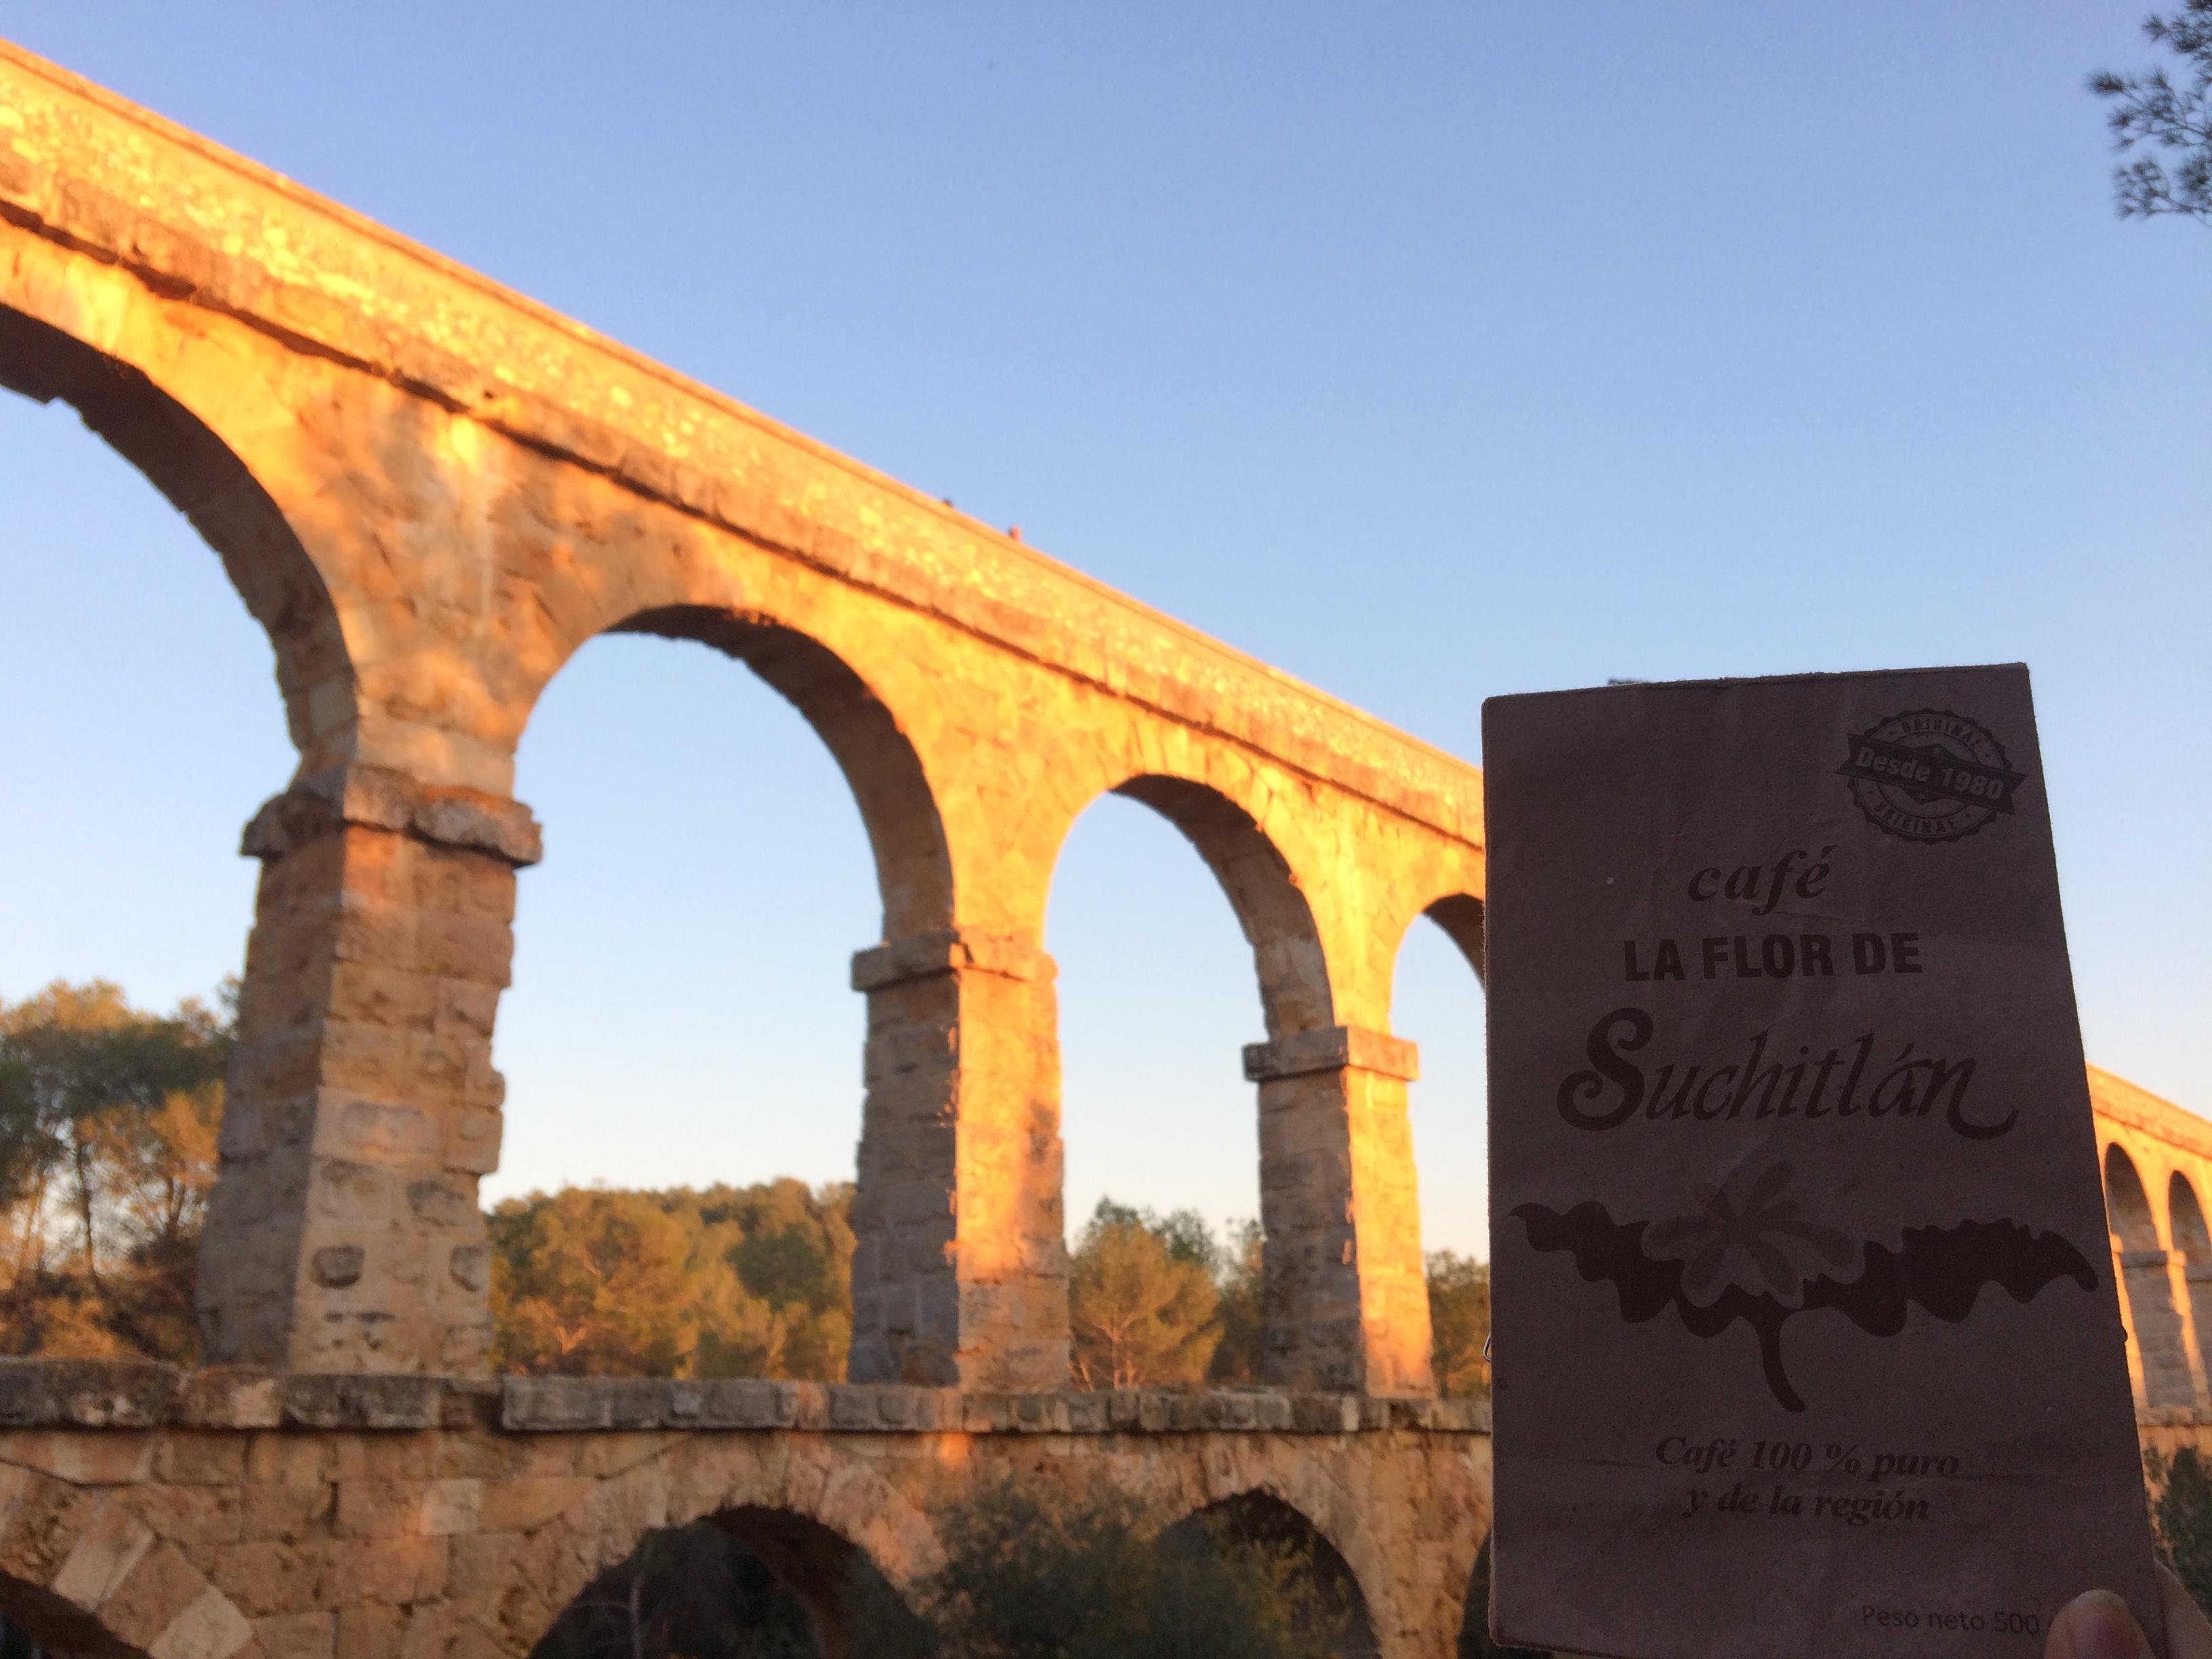 Pont del Diable, Tarragona